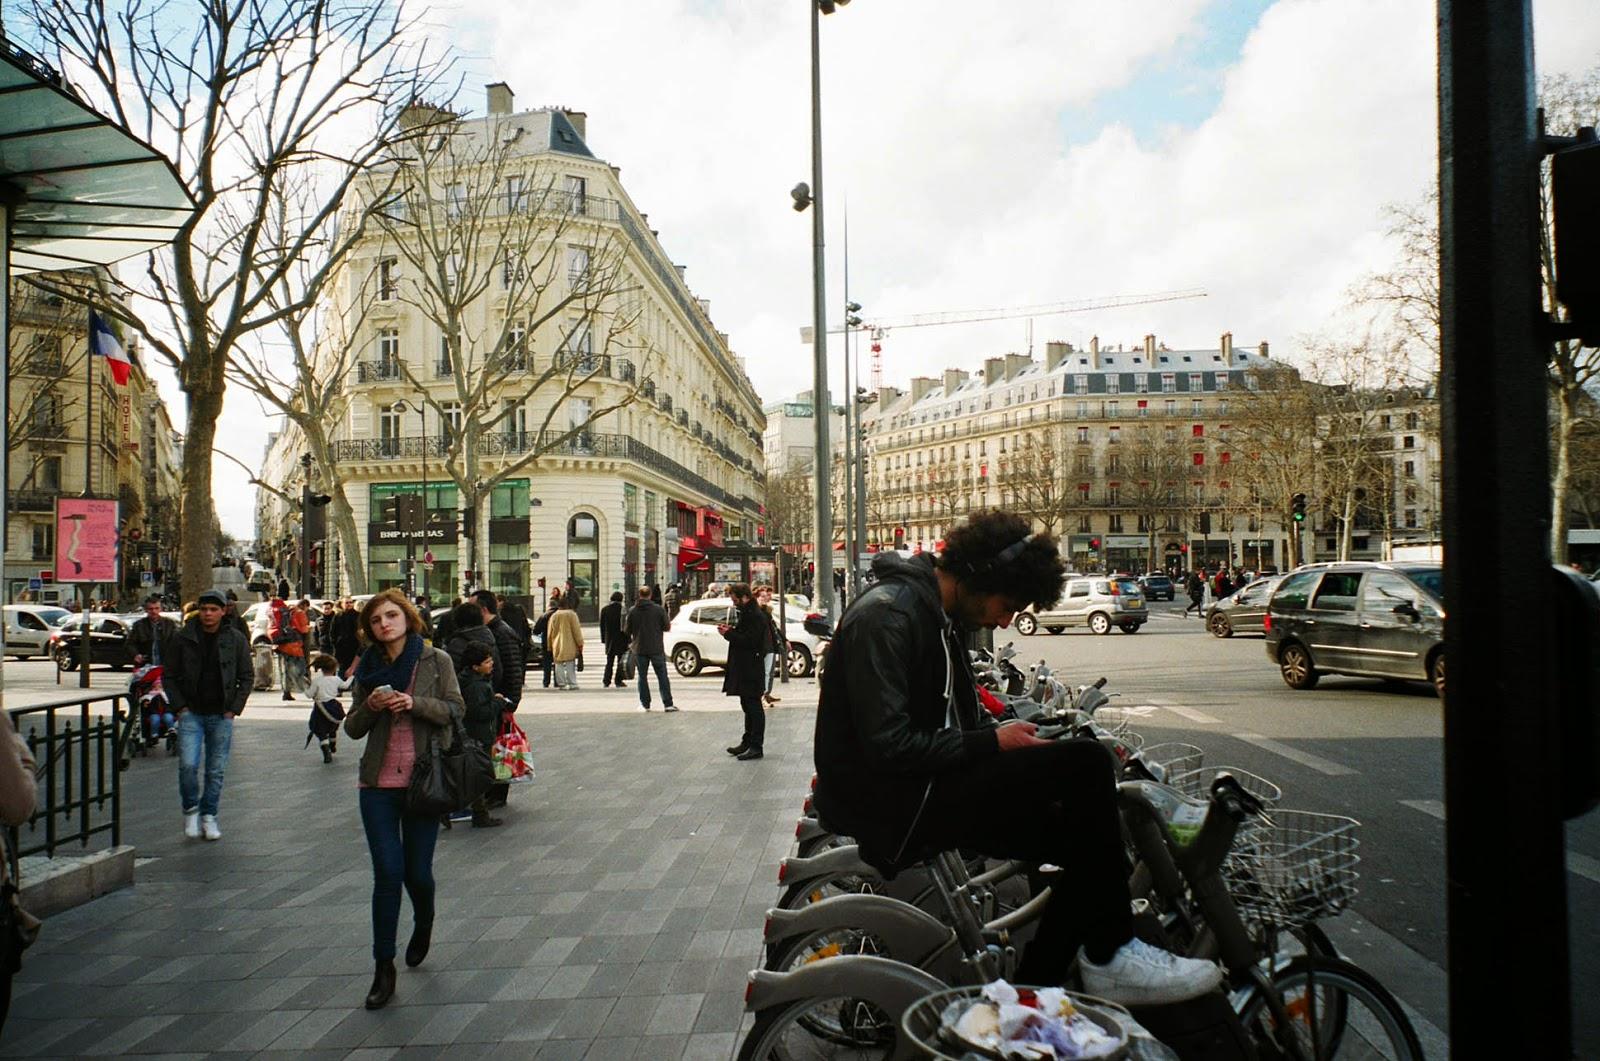 People republique paris france